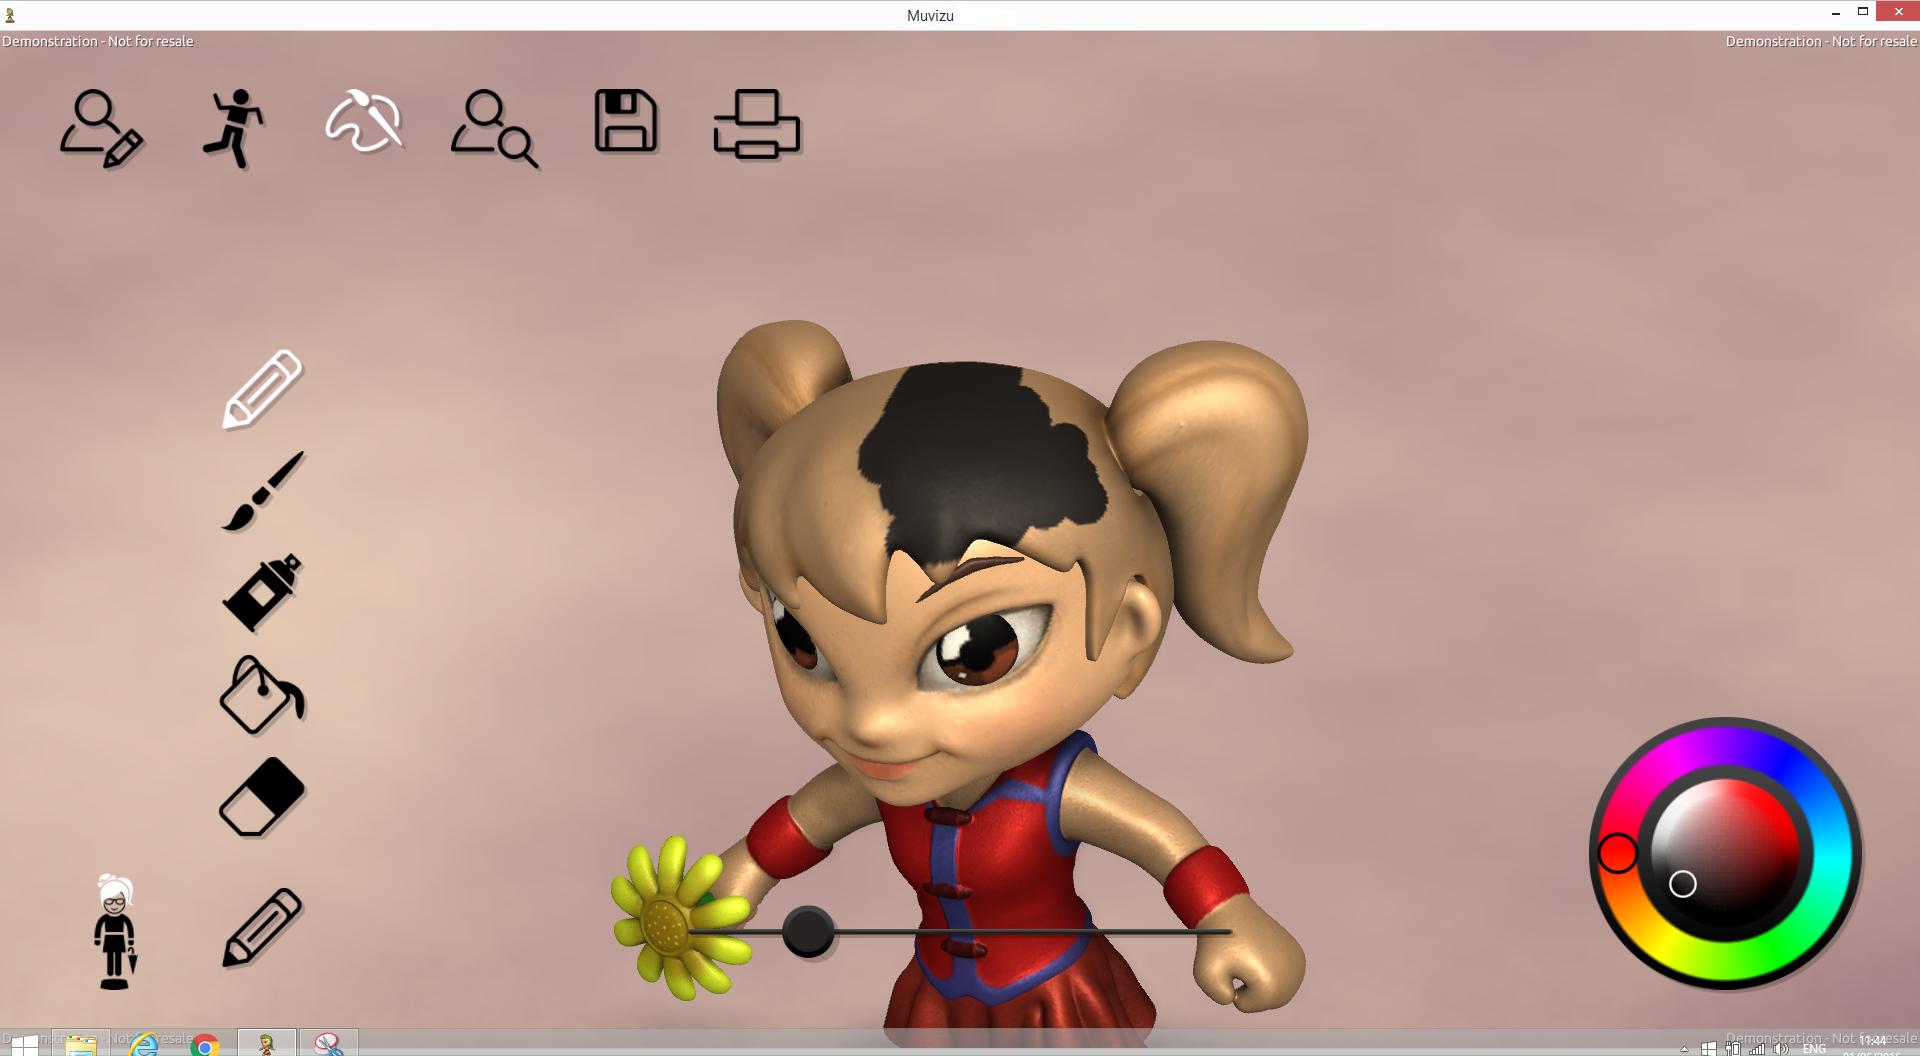 3d Character Design App : Minimaker new d printing app design hubs talk